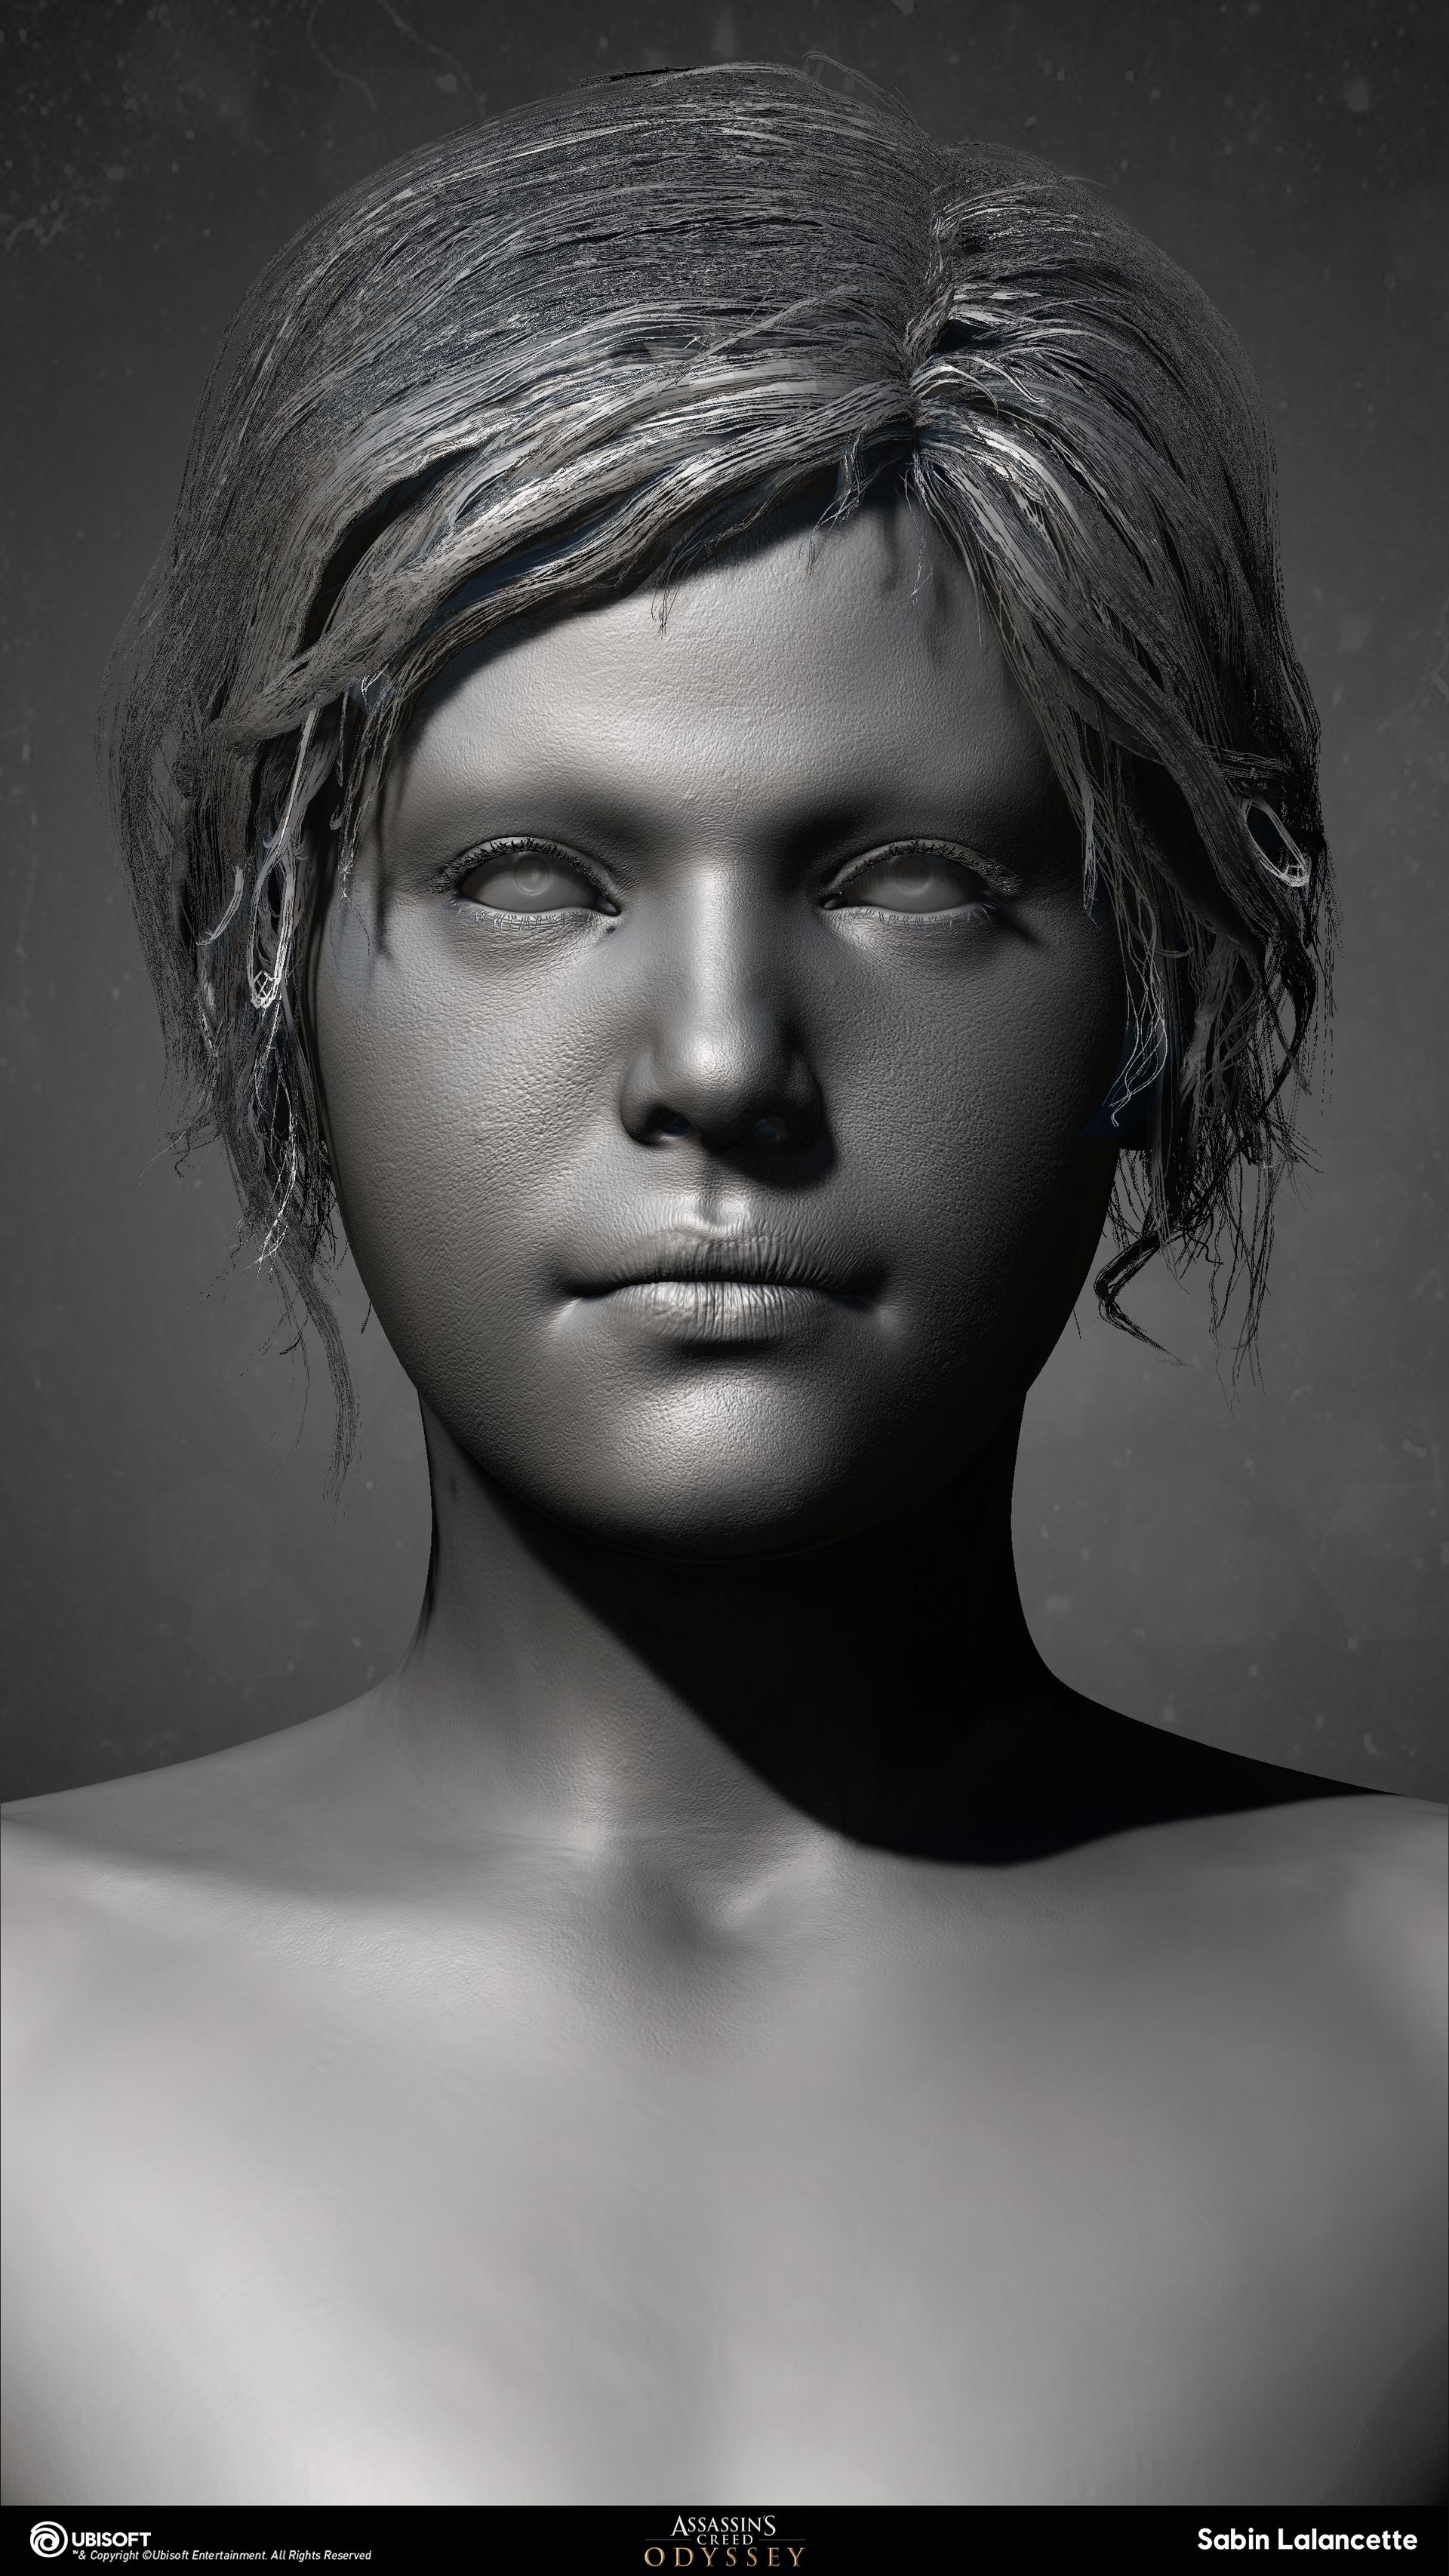 sabin-lalancette-artblast-fullsizezb-hex-portrait-young-kassandra-slalancette